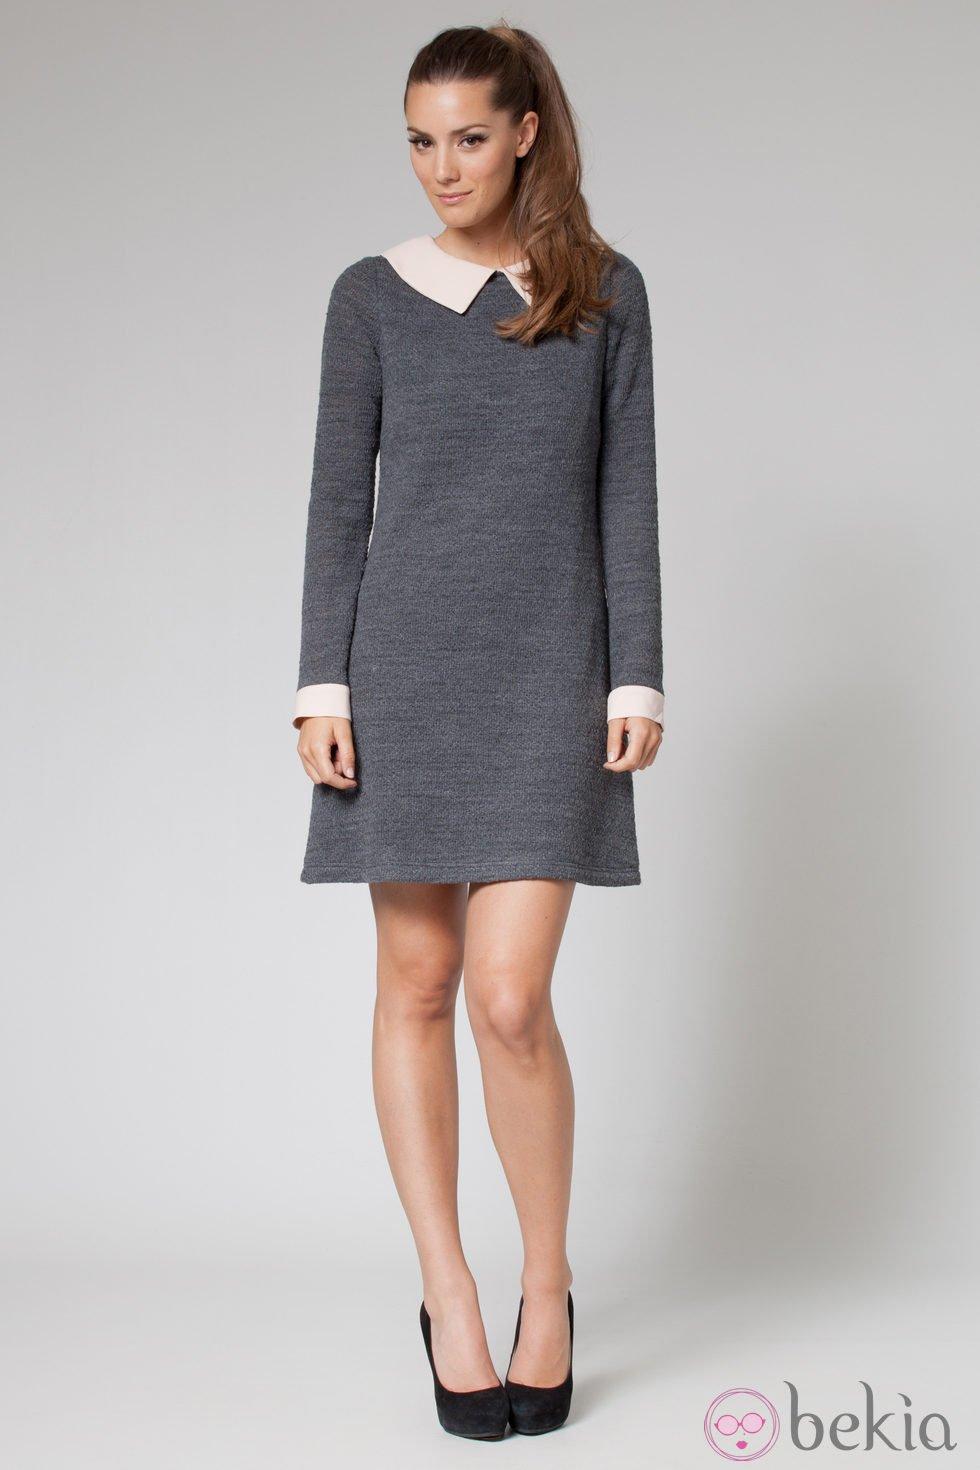 Los nuevos vestidos para chica de otoño invierno en Bershka. Estrena vestidos largos, cortos, midi, camiseros o vaqueros y disfruta de cada instante! Vestido de tirantes con botones. Vestido con cuello de polo. Vestido midi con bandas laterales.